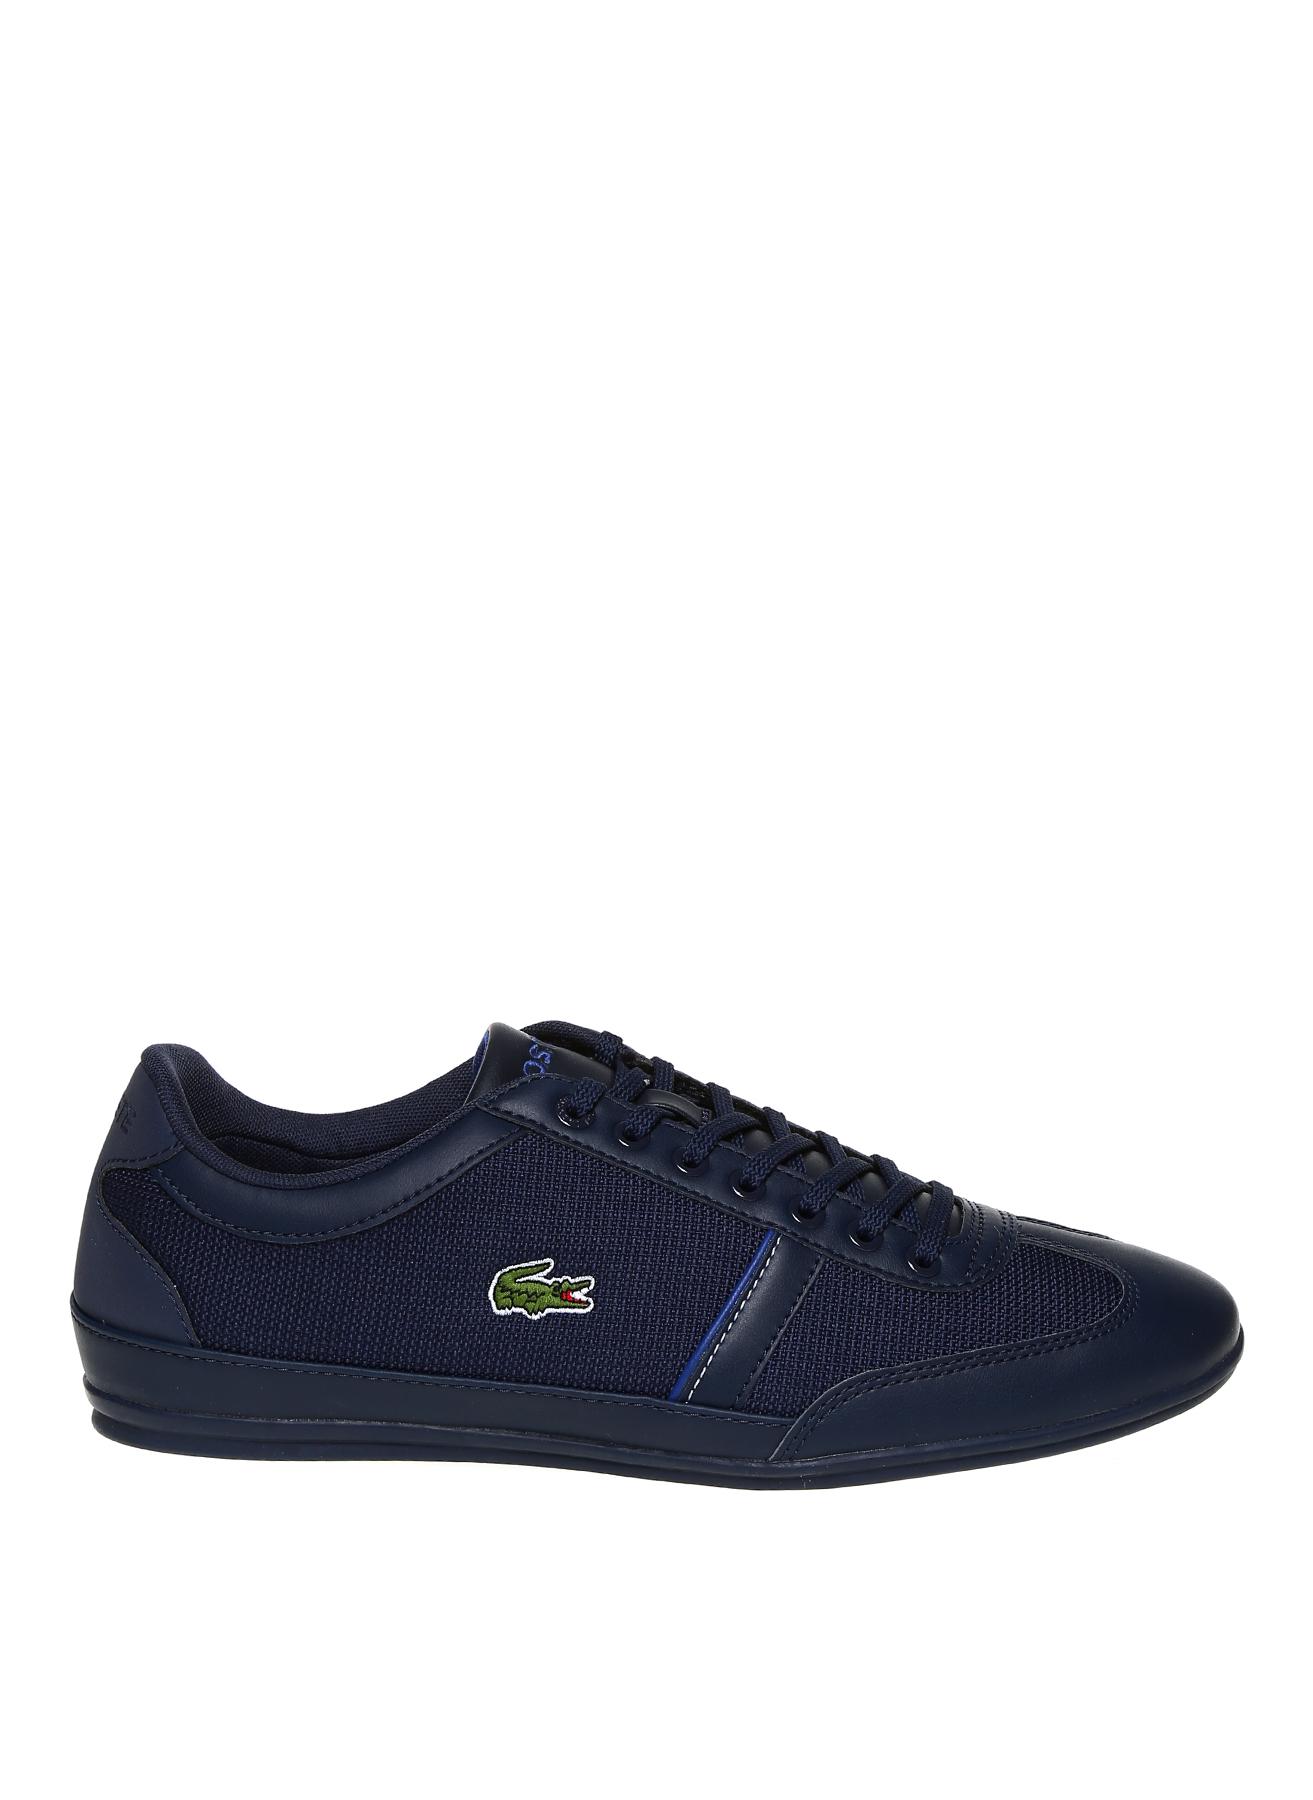 Lacoste Misano Lacivert Lifestyle Ayakkabı 40 5002314246002 Ürün Resmi